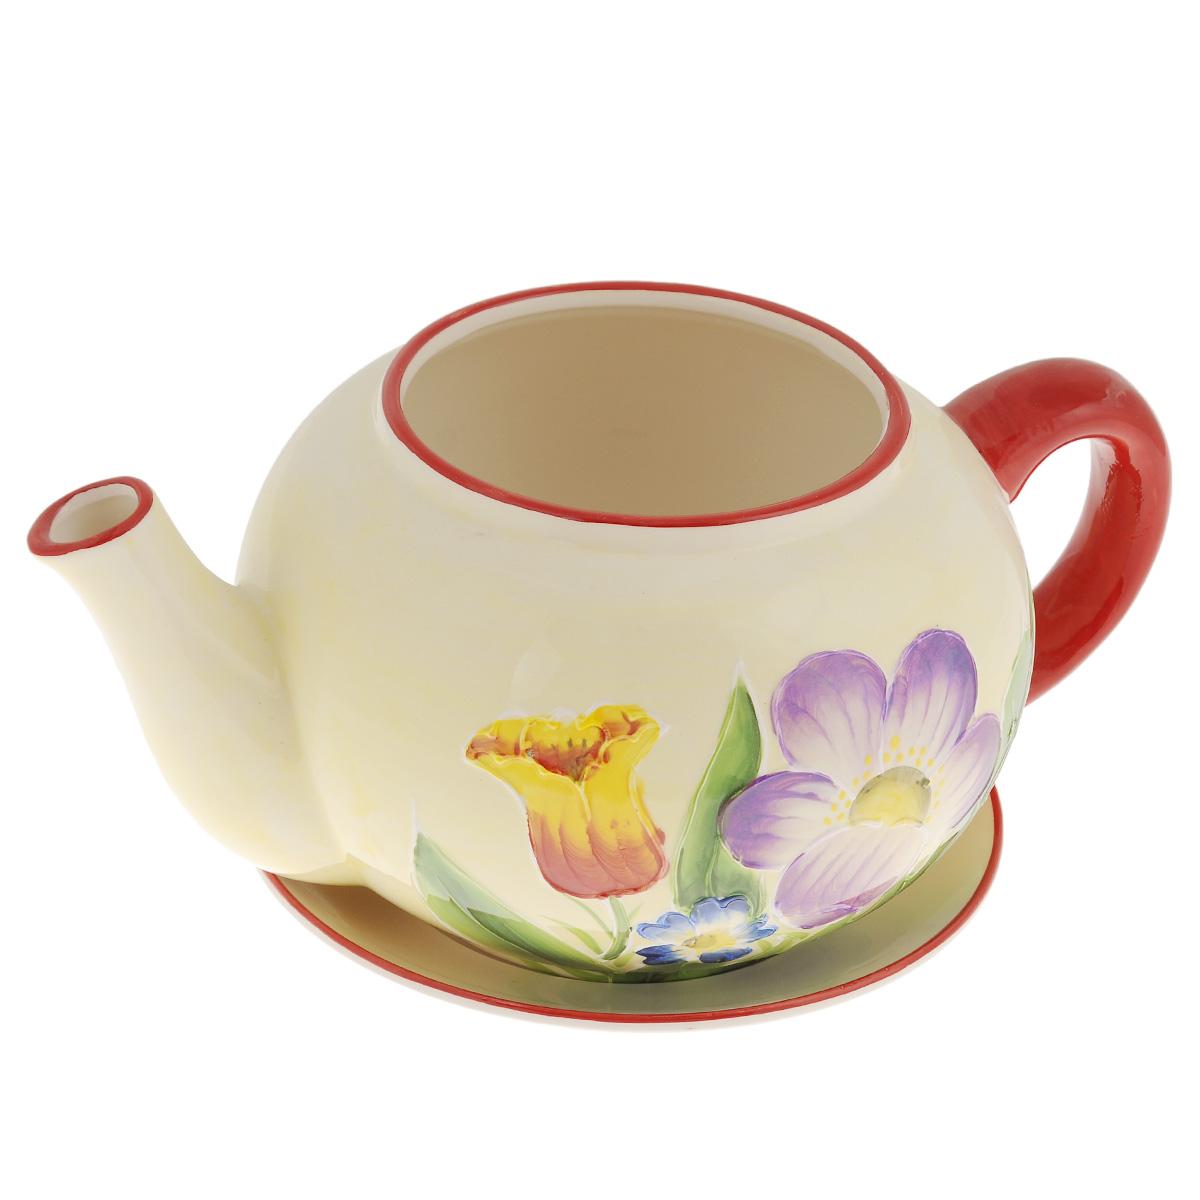 Кашпо Lillo Заварочный чайник, с поддоном. XY10S015-1DXY10S015-1BКашпо-горшок для цветов Lillo Заварочный чайник выполнен из прочной керамики и декорирован красочным рисунком. Изделие предназначено для цветов.Такие изделия часто становятся последним штрихом, который совершенно изменяет интерьер помещения или ландшафтный дизайн сада. Благодаря такому кашпо вы сможете украсить вашу комнату, офис, сад и другие места. Изделие оснащено специальным поддоном - блюдцем.Диаметр кашпо по верхнему краю: 12 см.Высота кашпо (без учета поддона): 14 см.Диаметр поддона: 20,5 см.